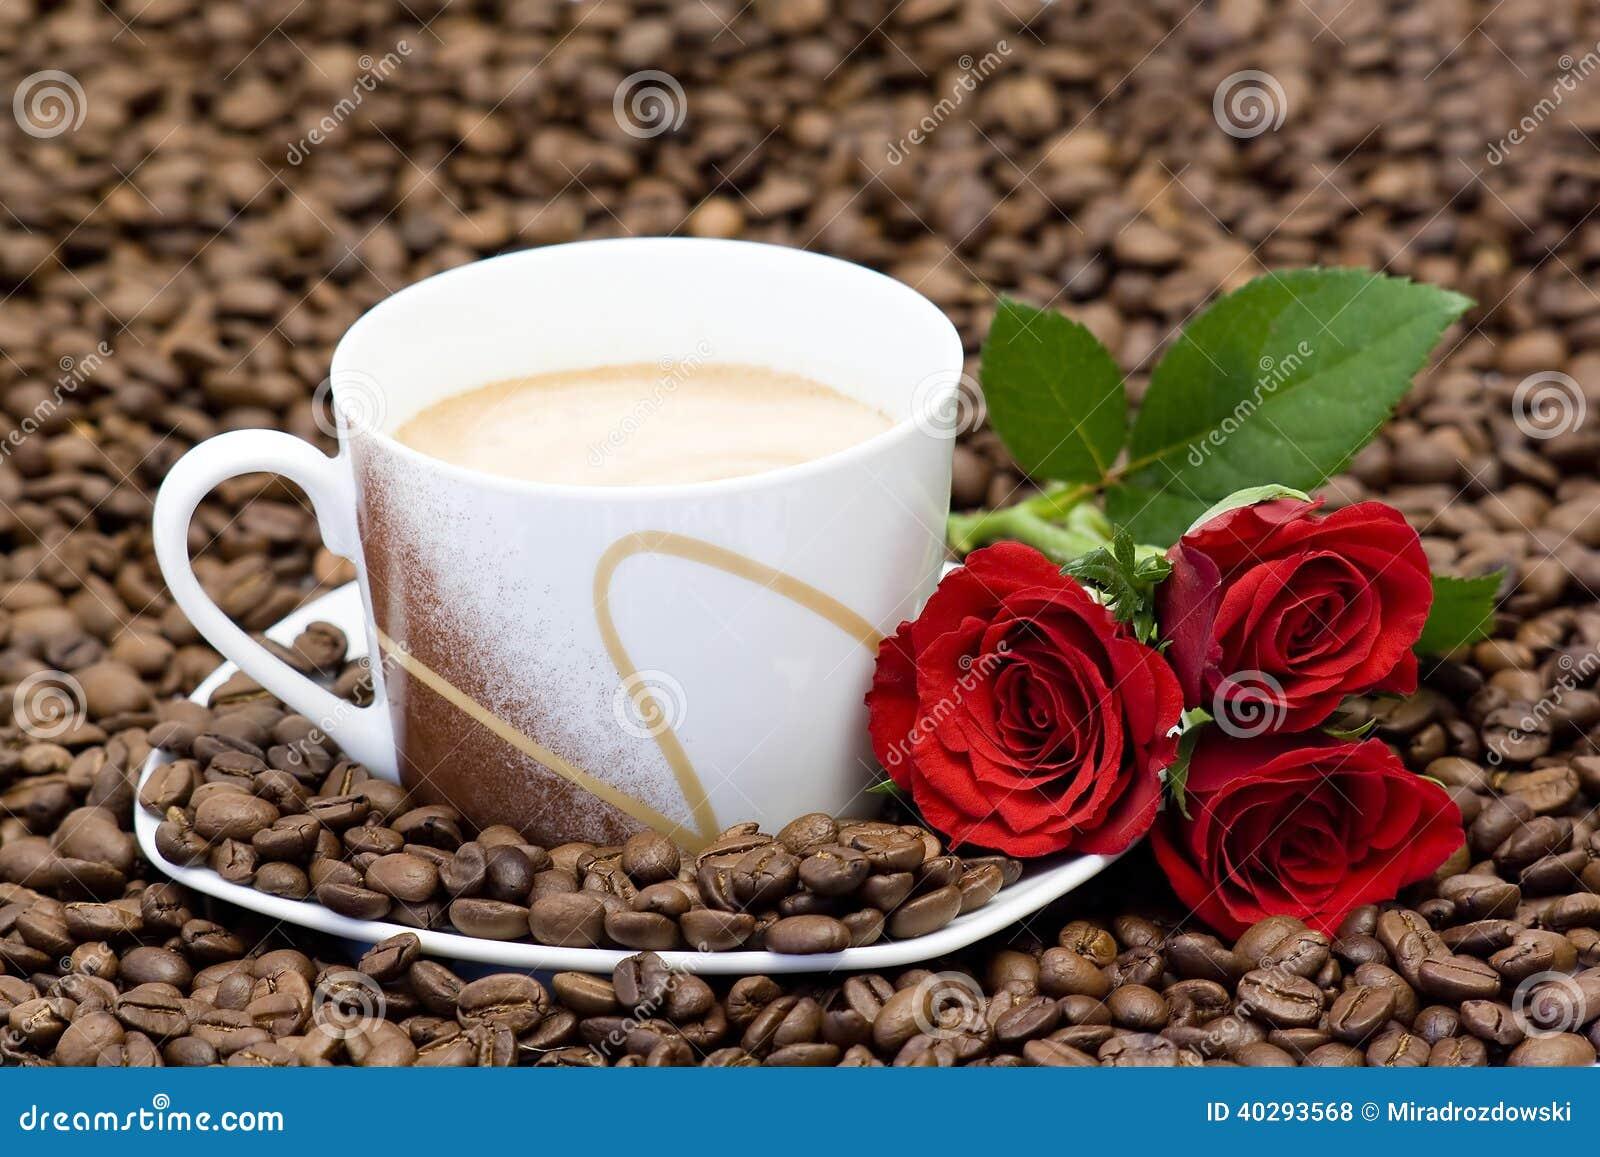 Чашка кофе и красные розы